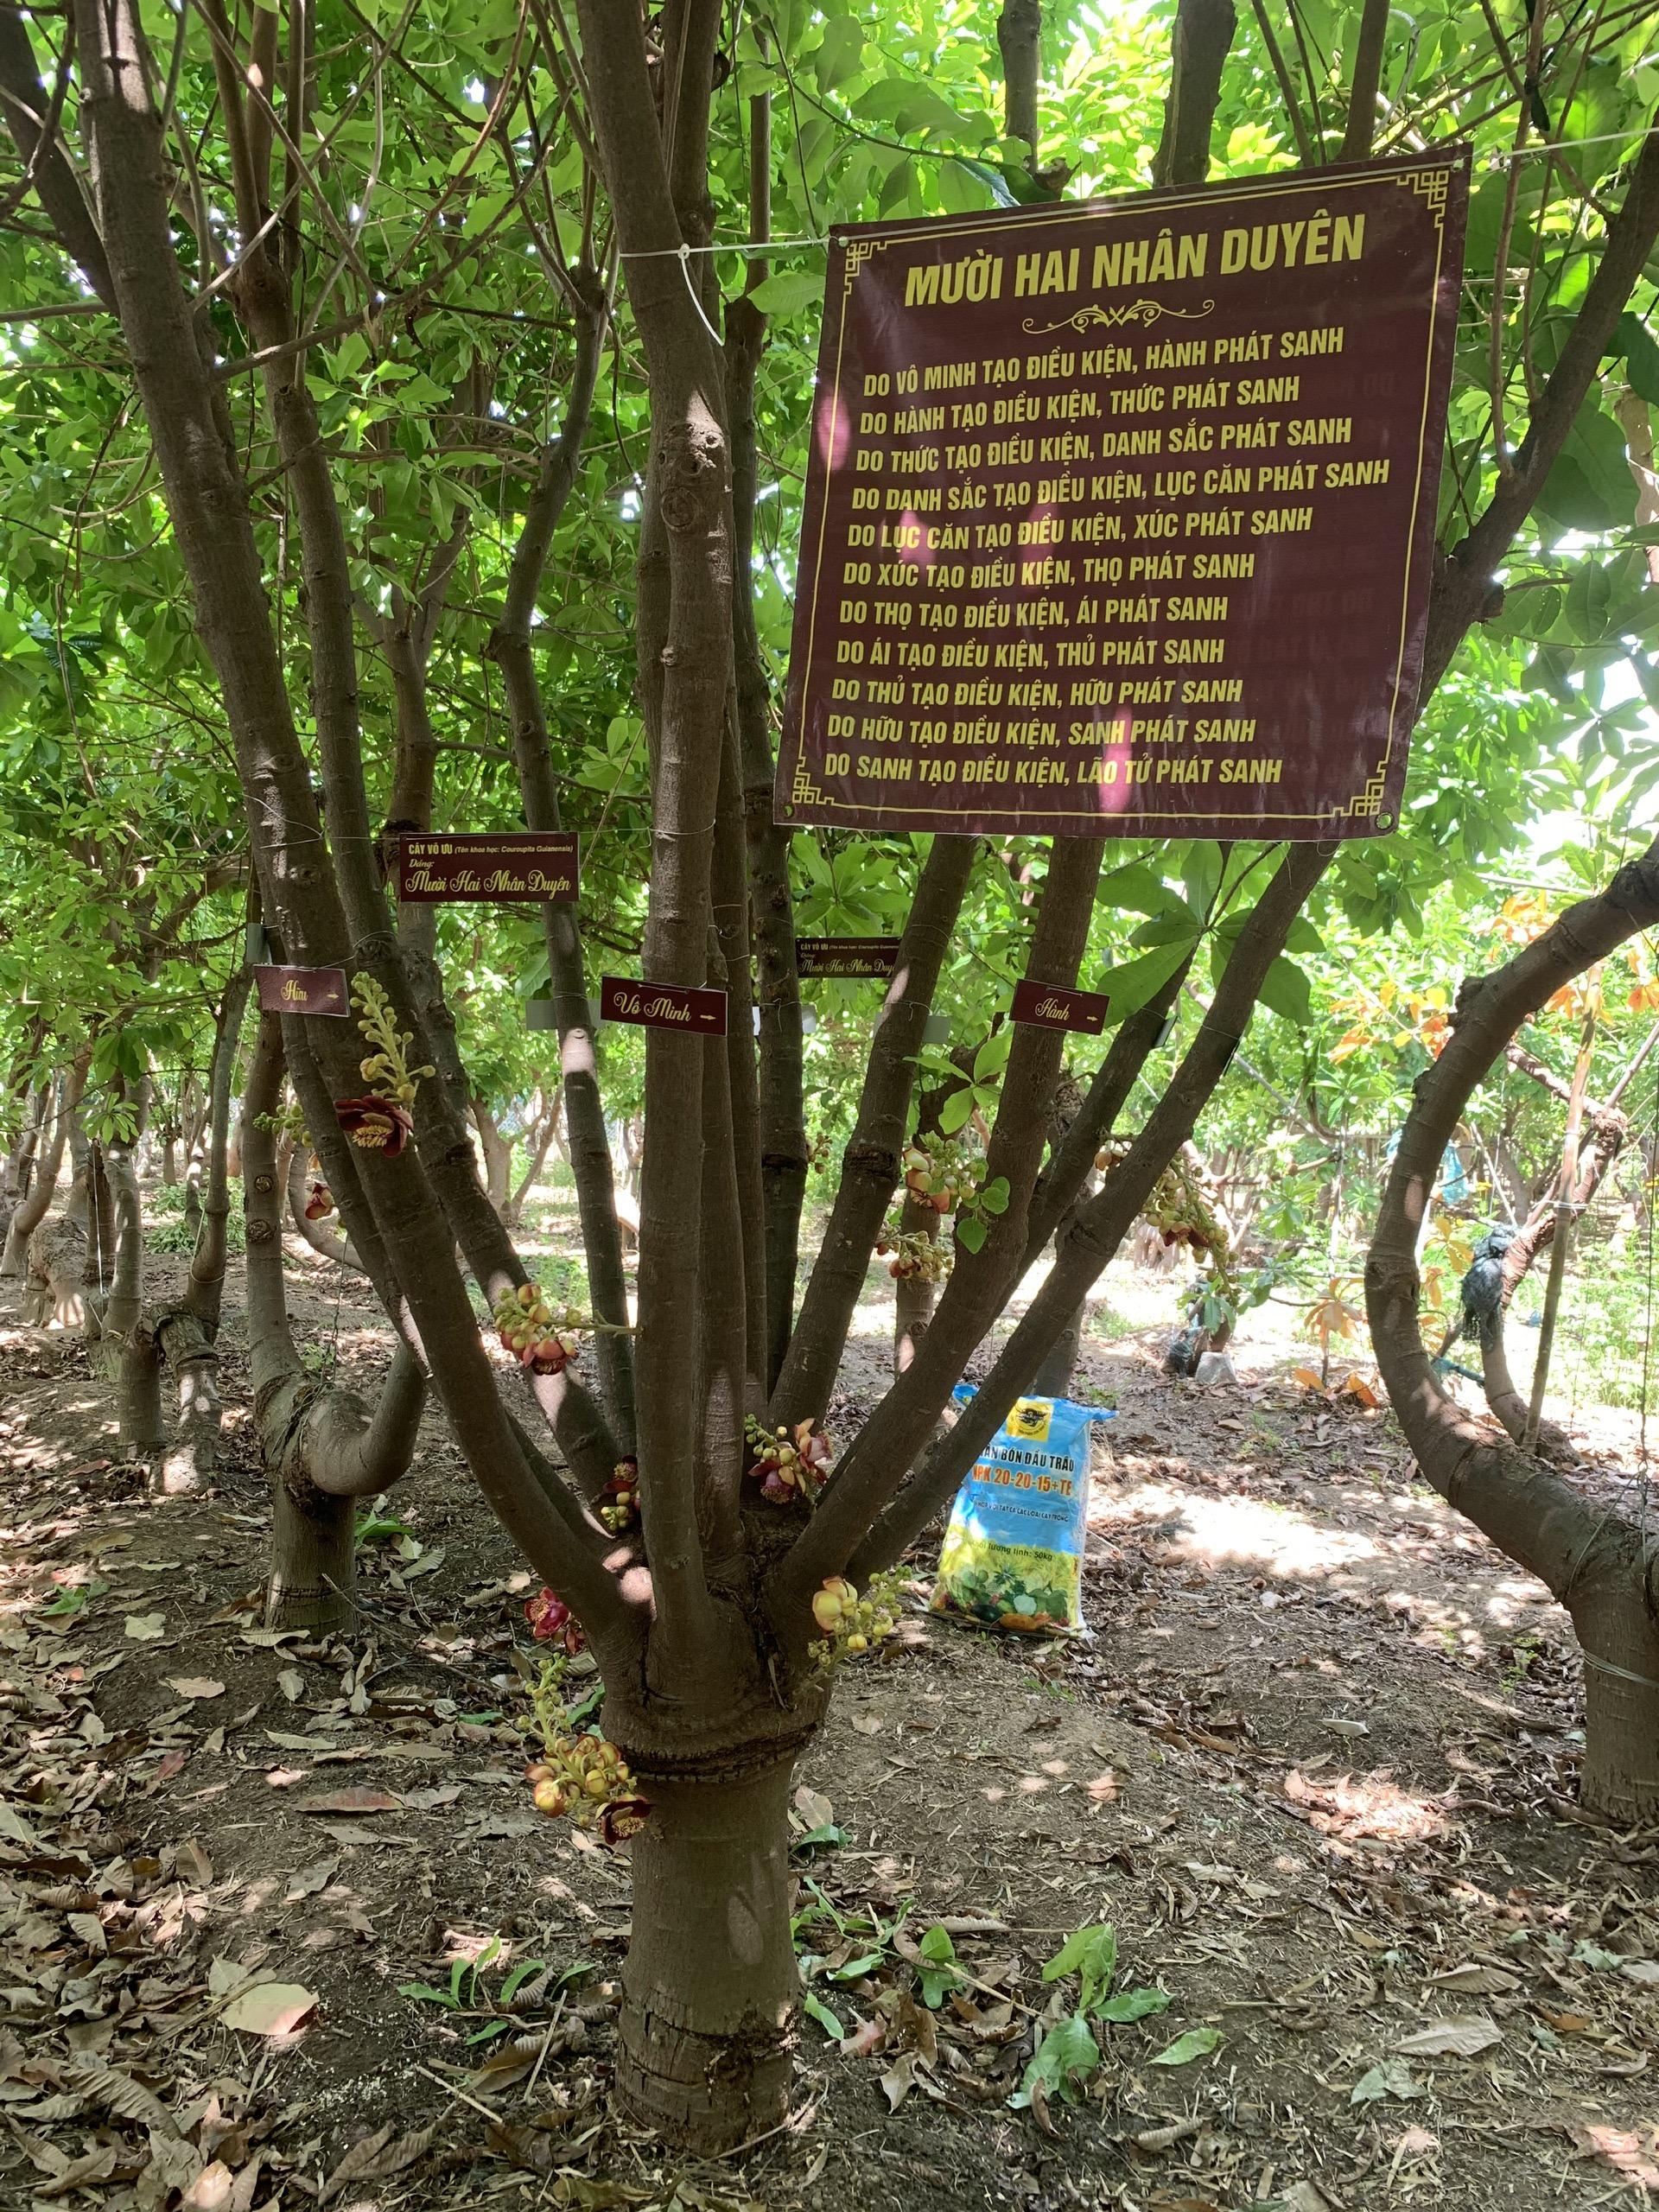 Người nông dân Ninh Thuận mang triết lý Phật giáo vào vườn cây - Ảnh 6.